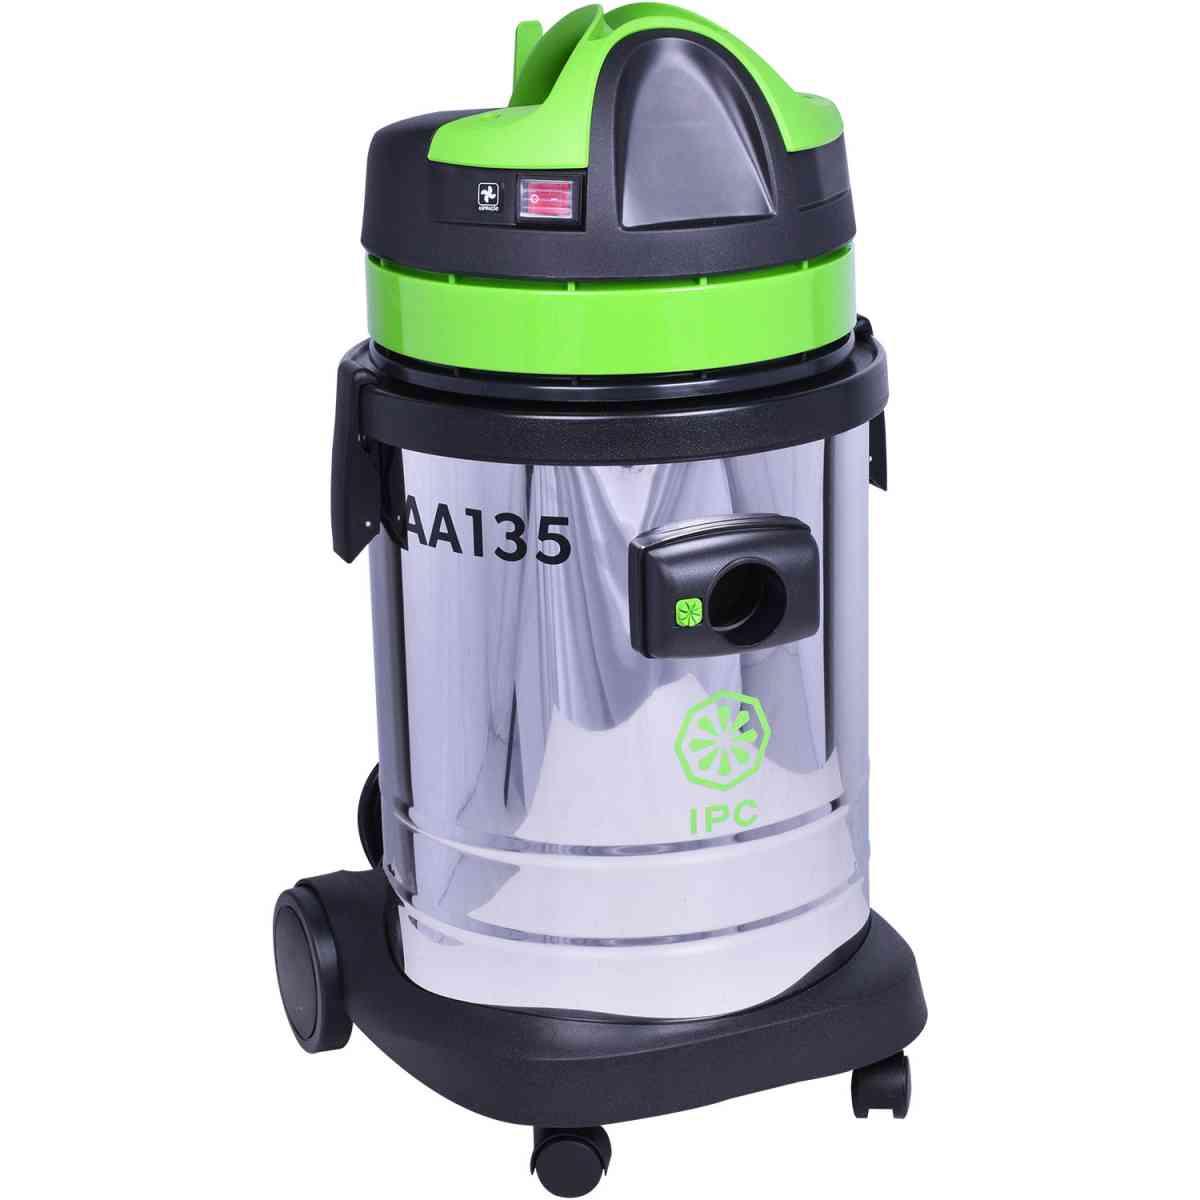 Aspirador para Sólidos e Líquidos A135 - IPC